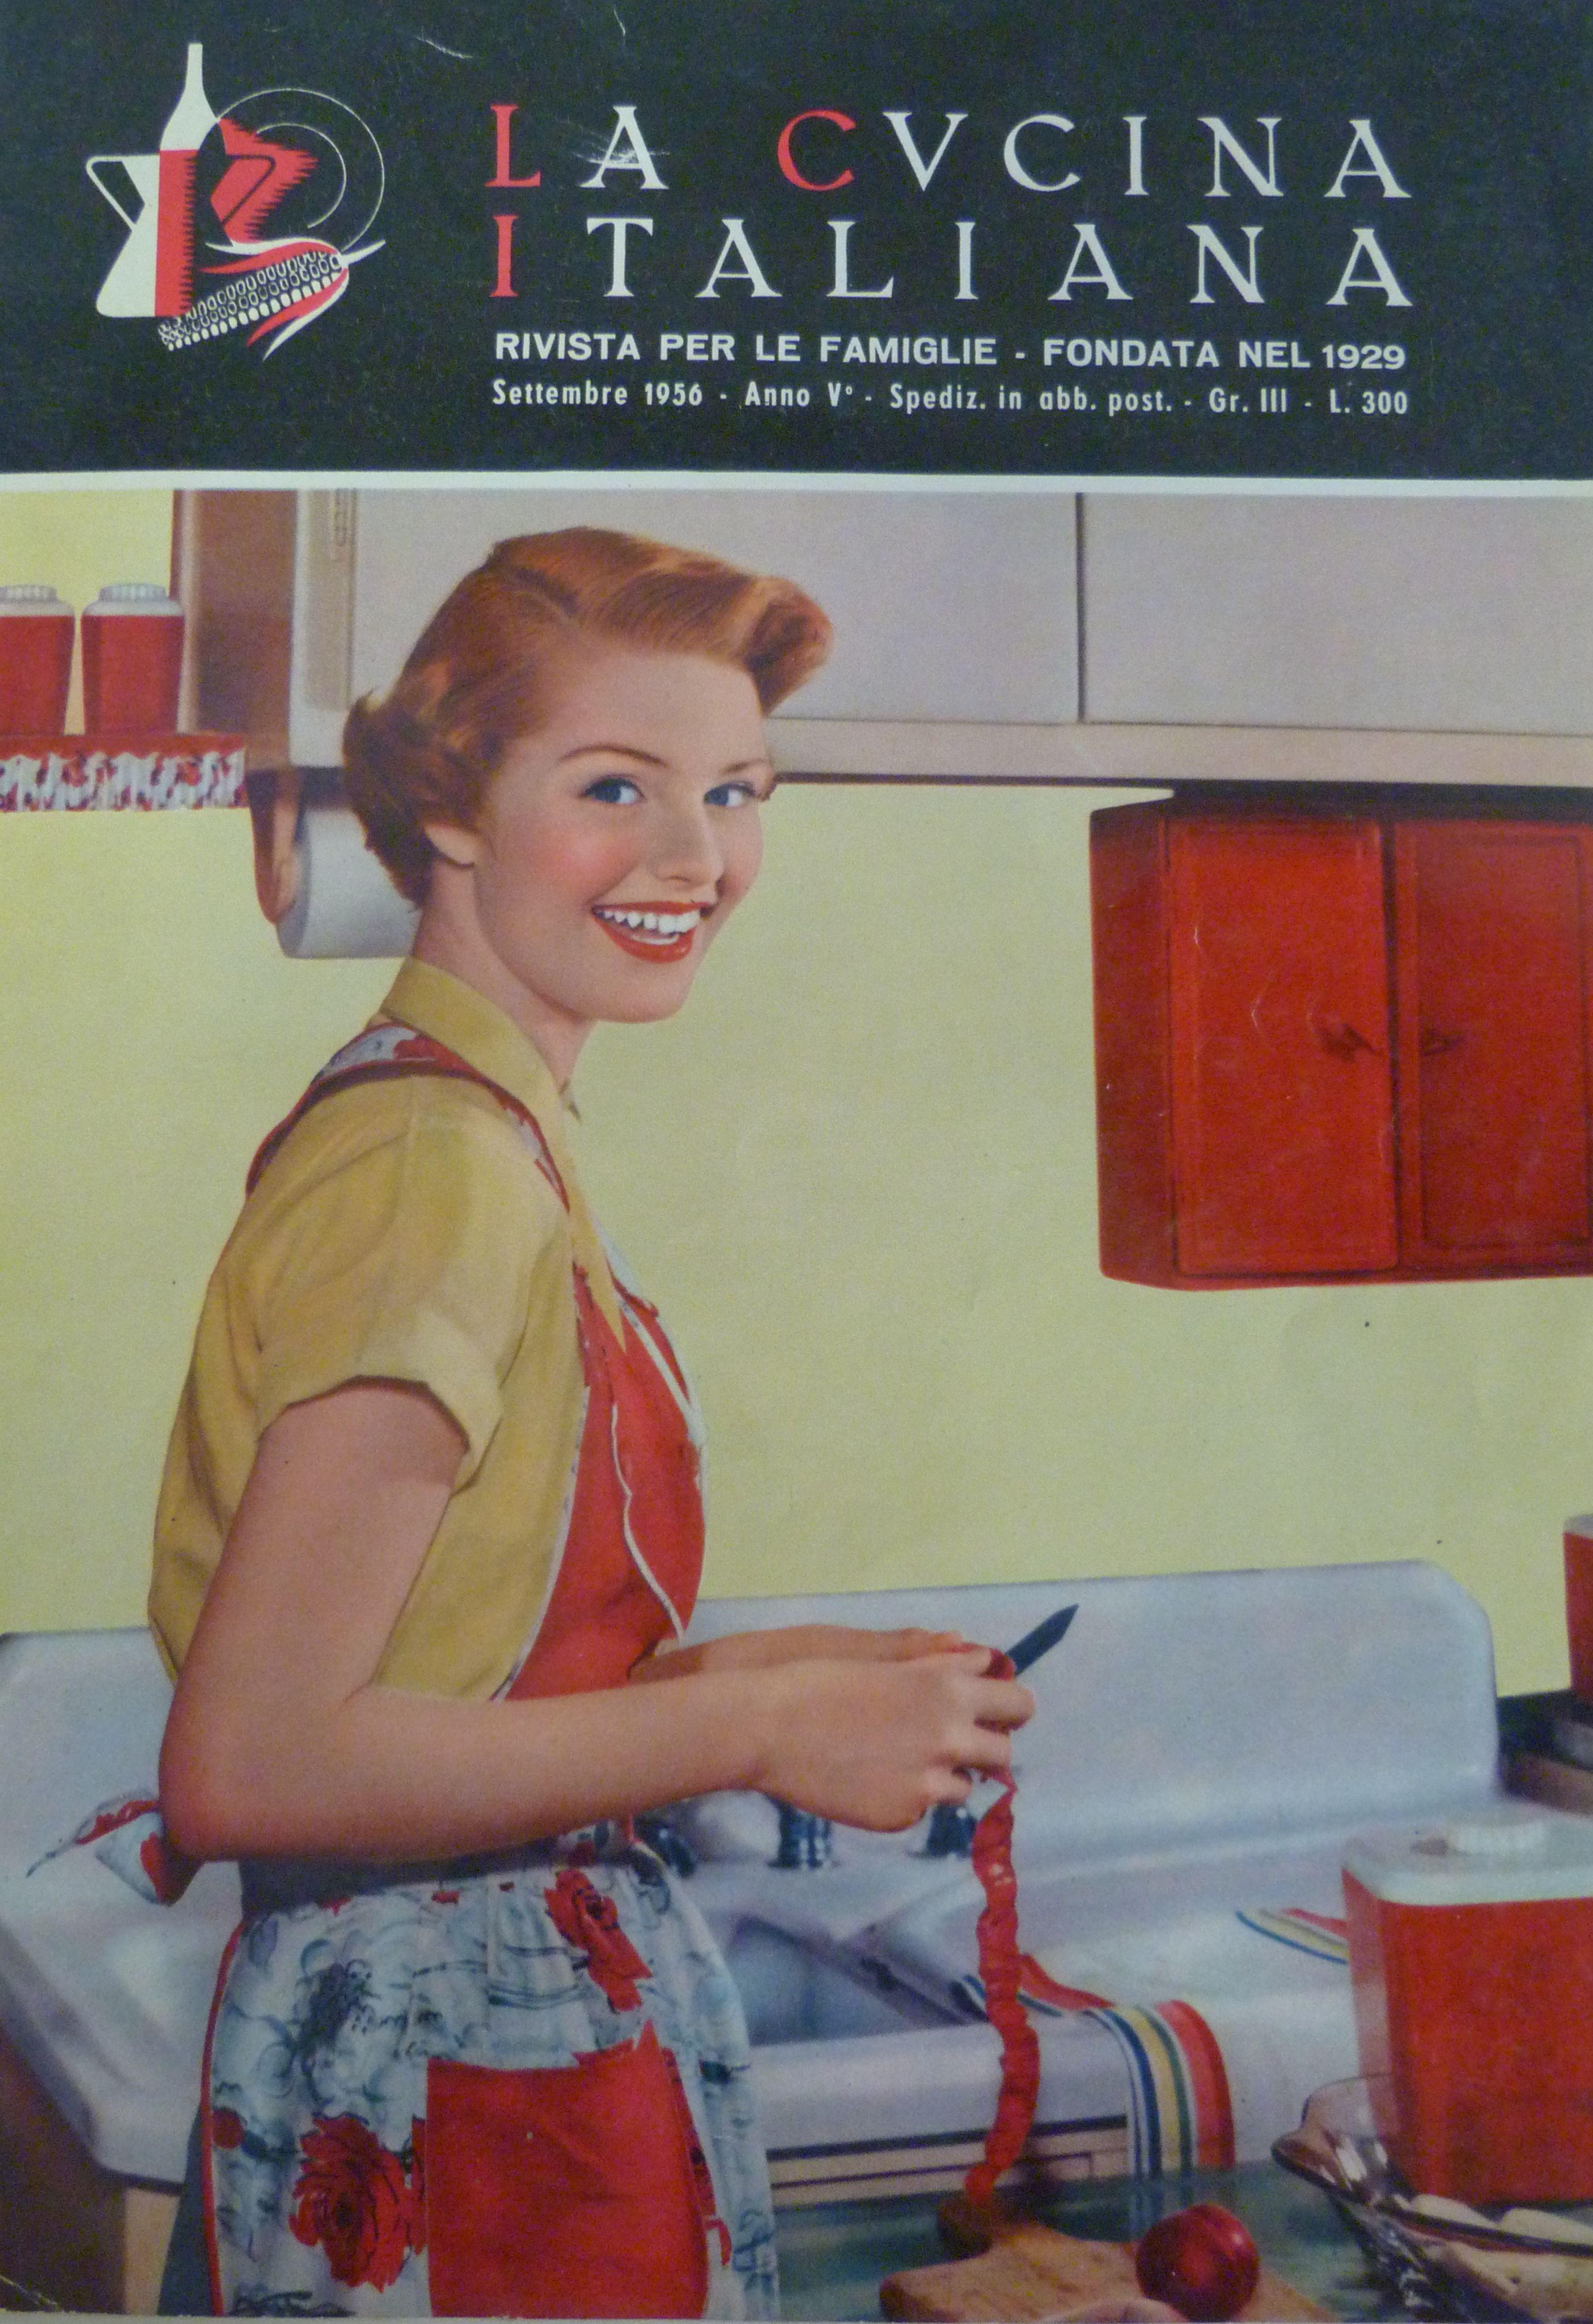 c1621049056dfad24799f89432ca9801 - La Cucina Italiana Ricette